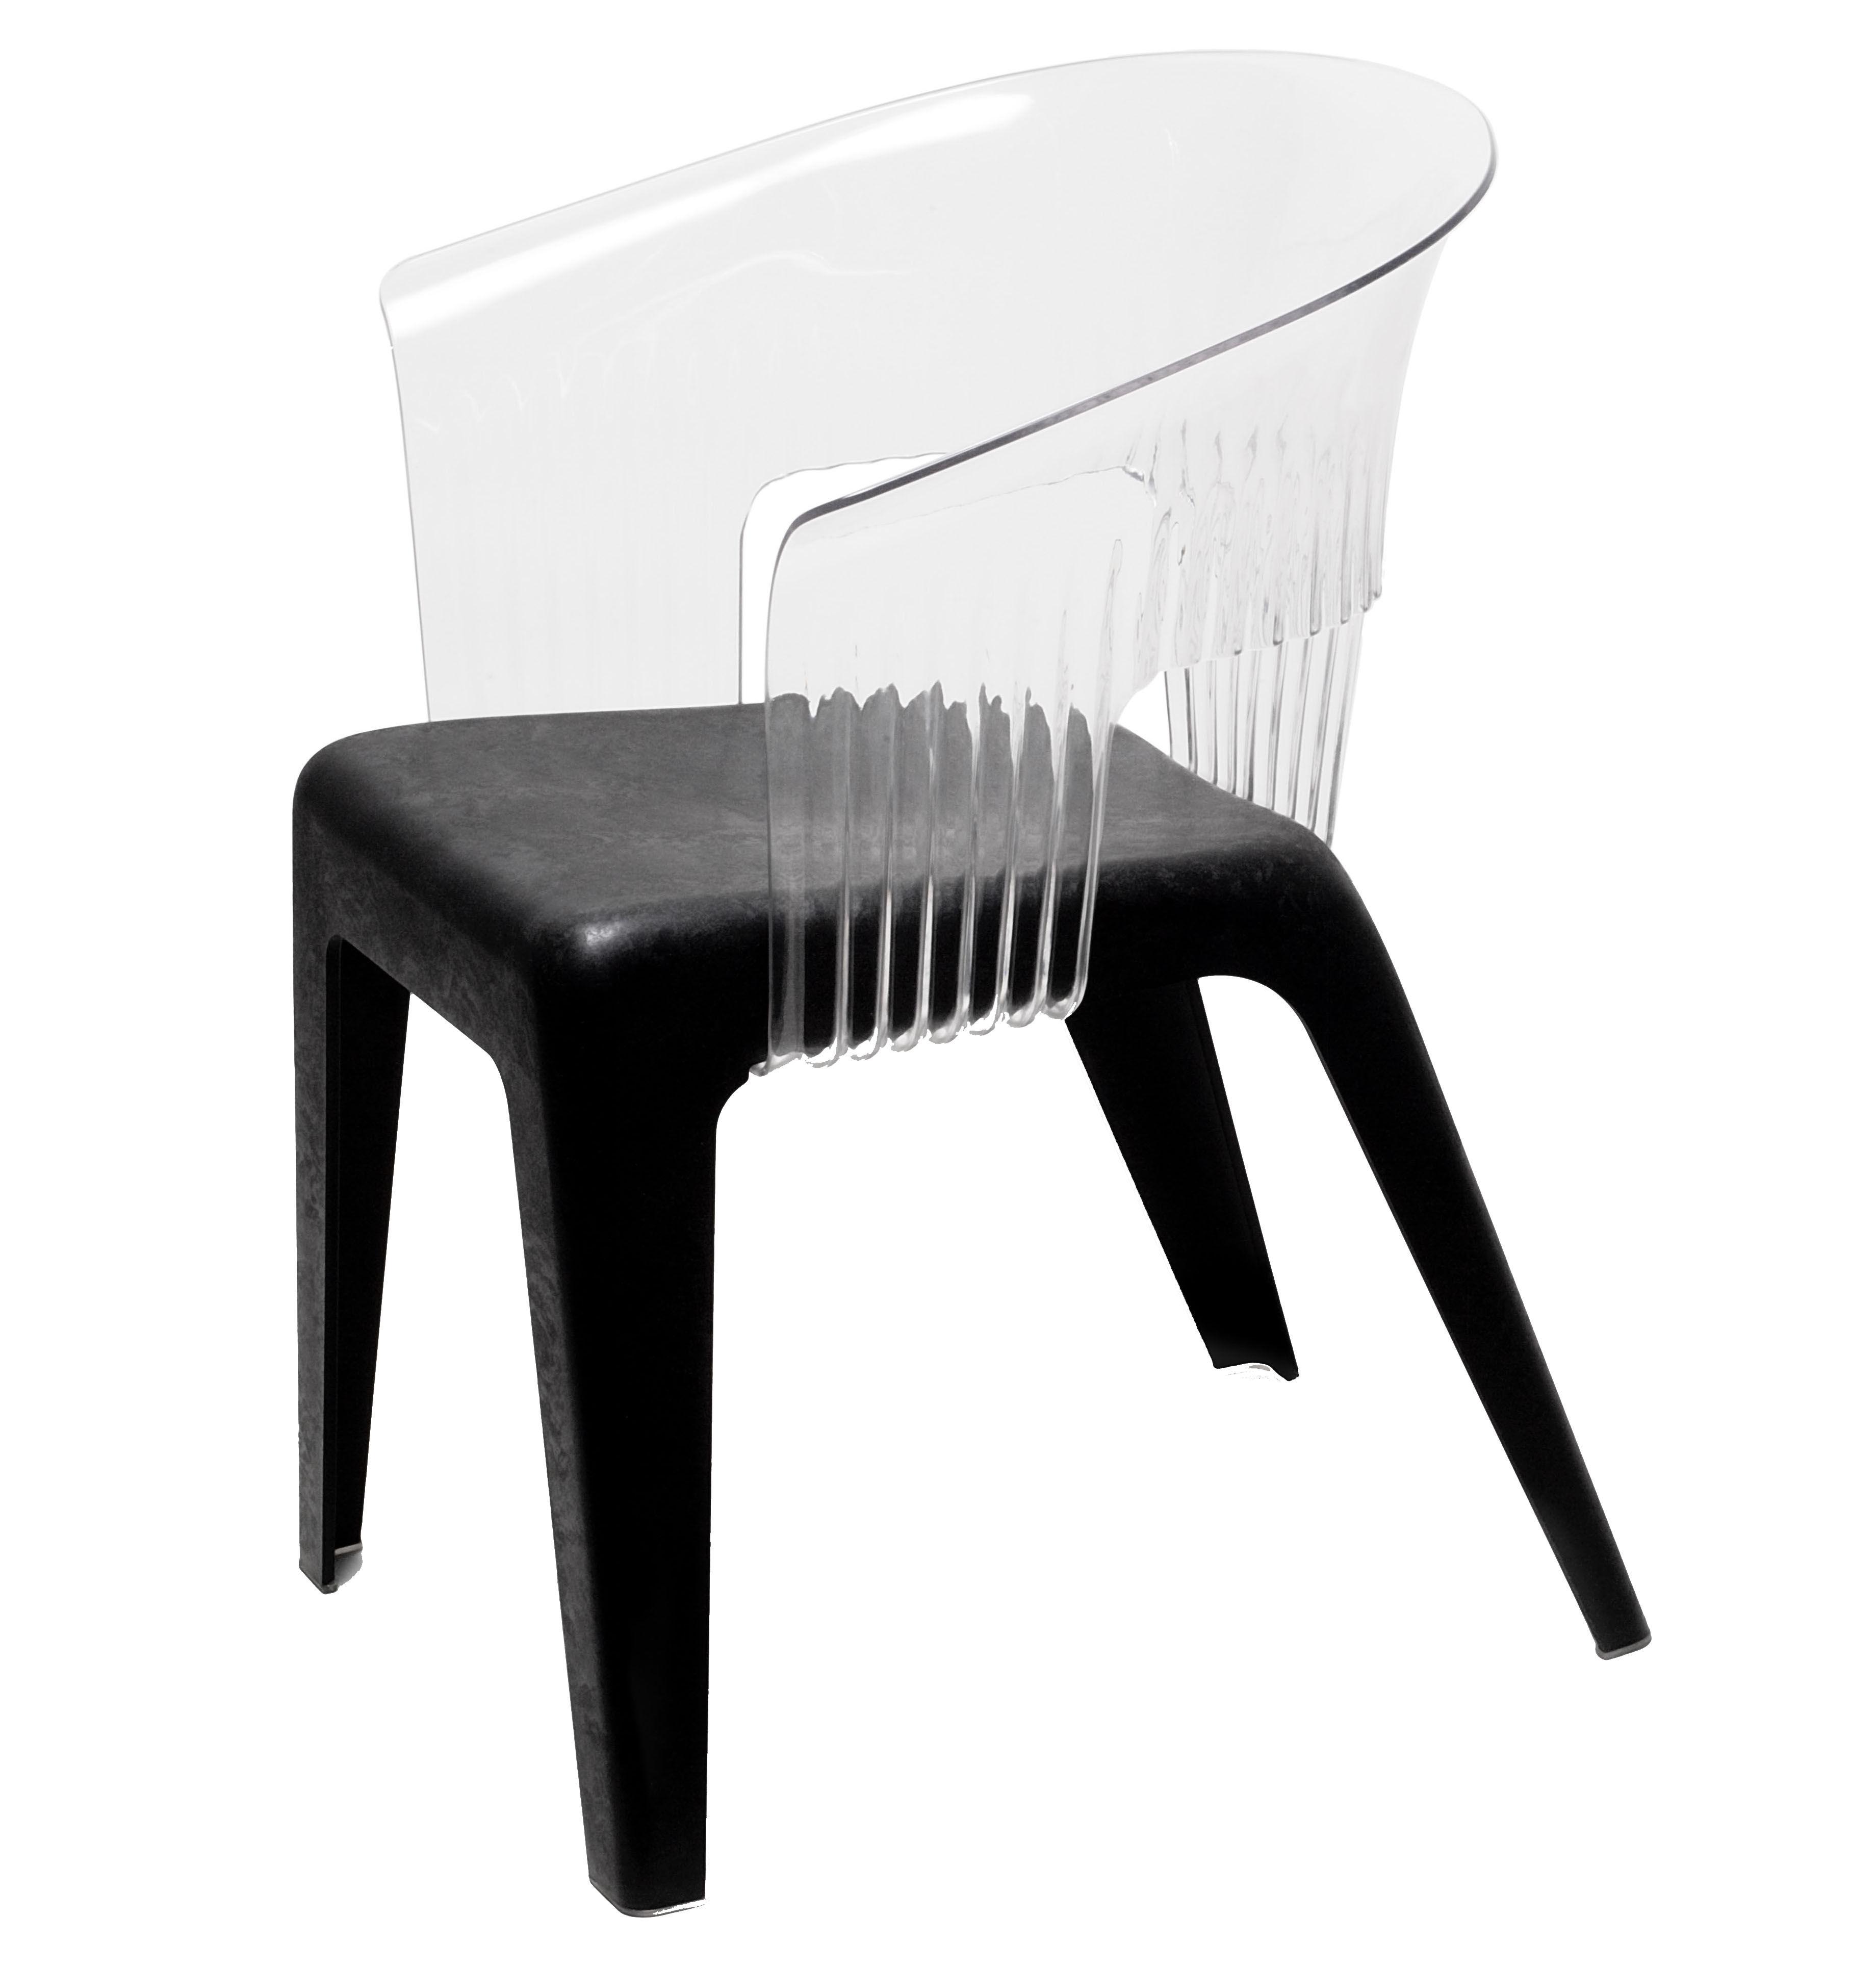 Mobilier - Chaises, fauteuils de salle à manger - Fauteuil Madeira / Dossier transparent - Skitsch - Dossier transparent - Assise noire - Fibres de bois, Polycarbonate, Polypropylène